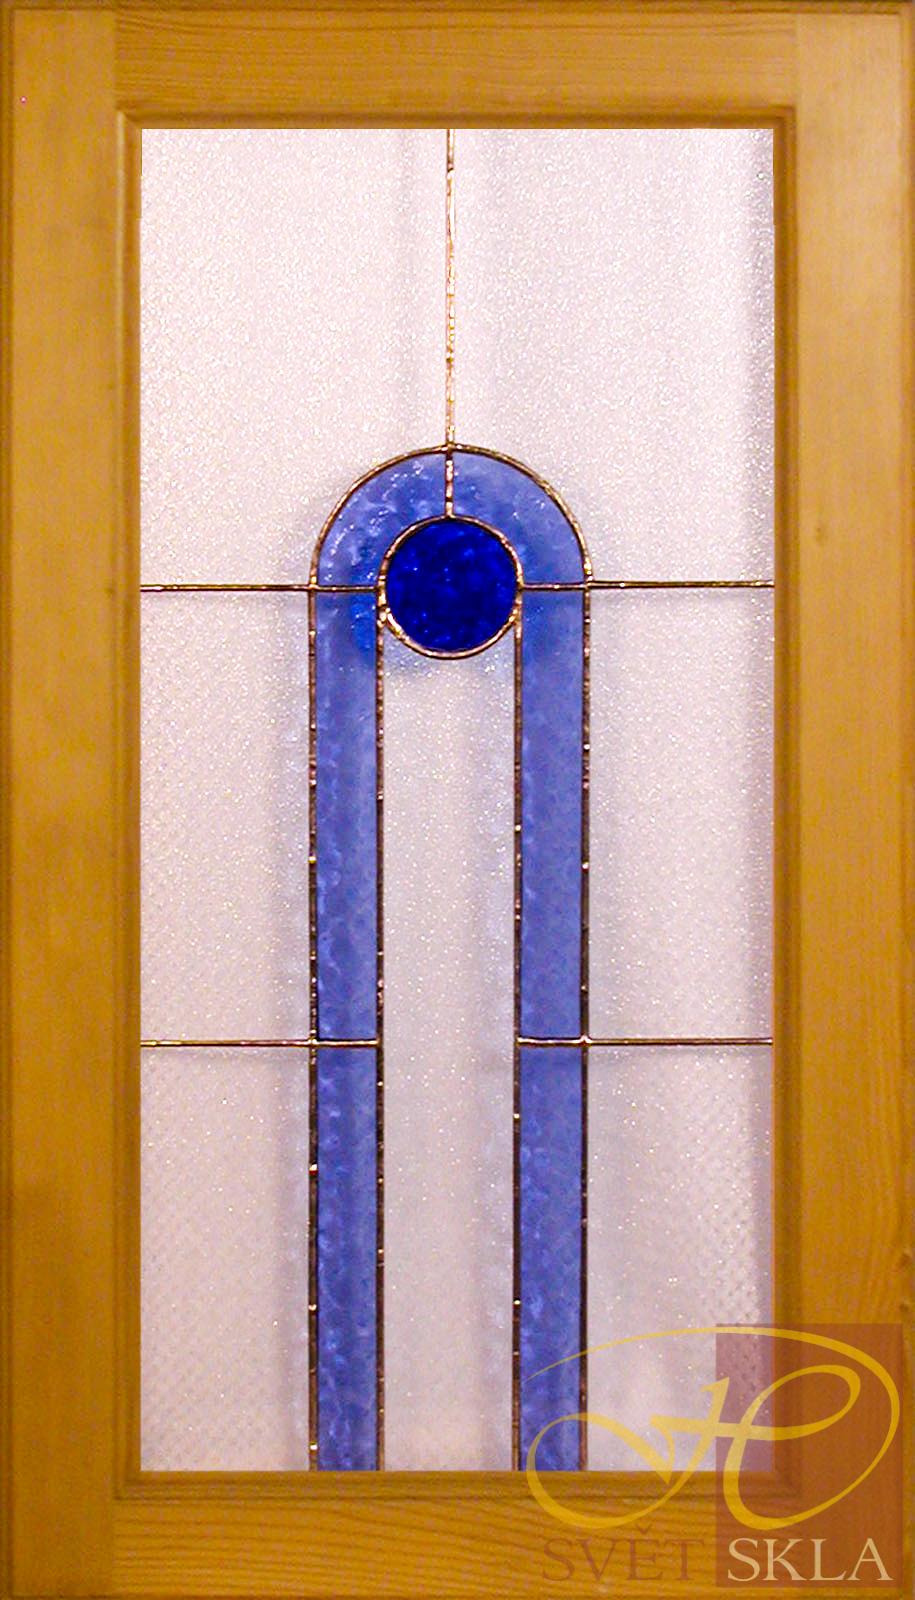 vitráž do nábytkových dvířek ND 014 10